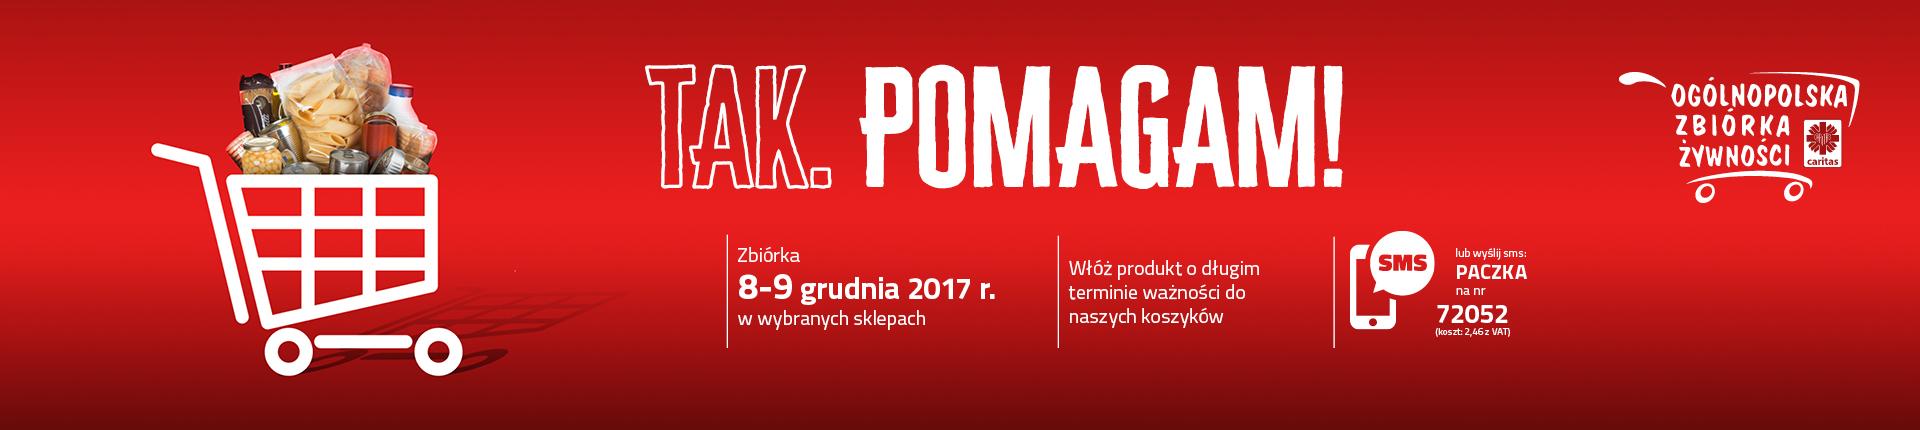 Zbiorka_Banner1920x430